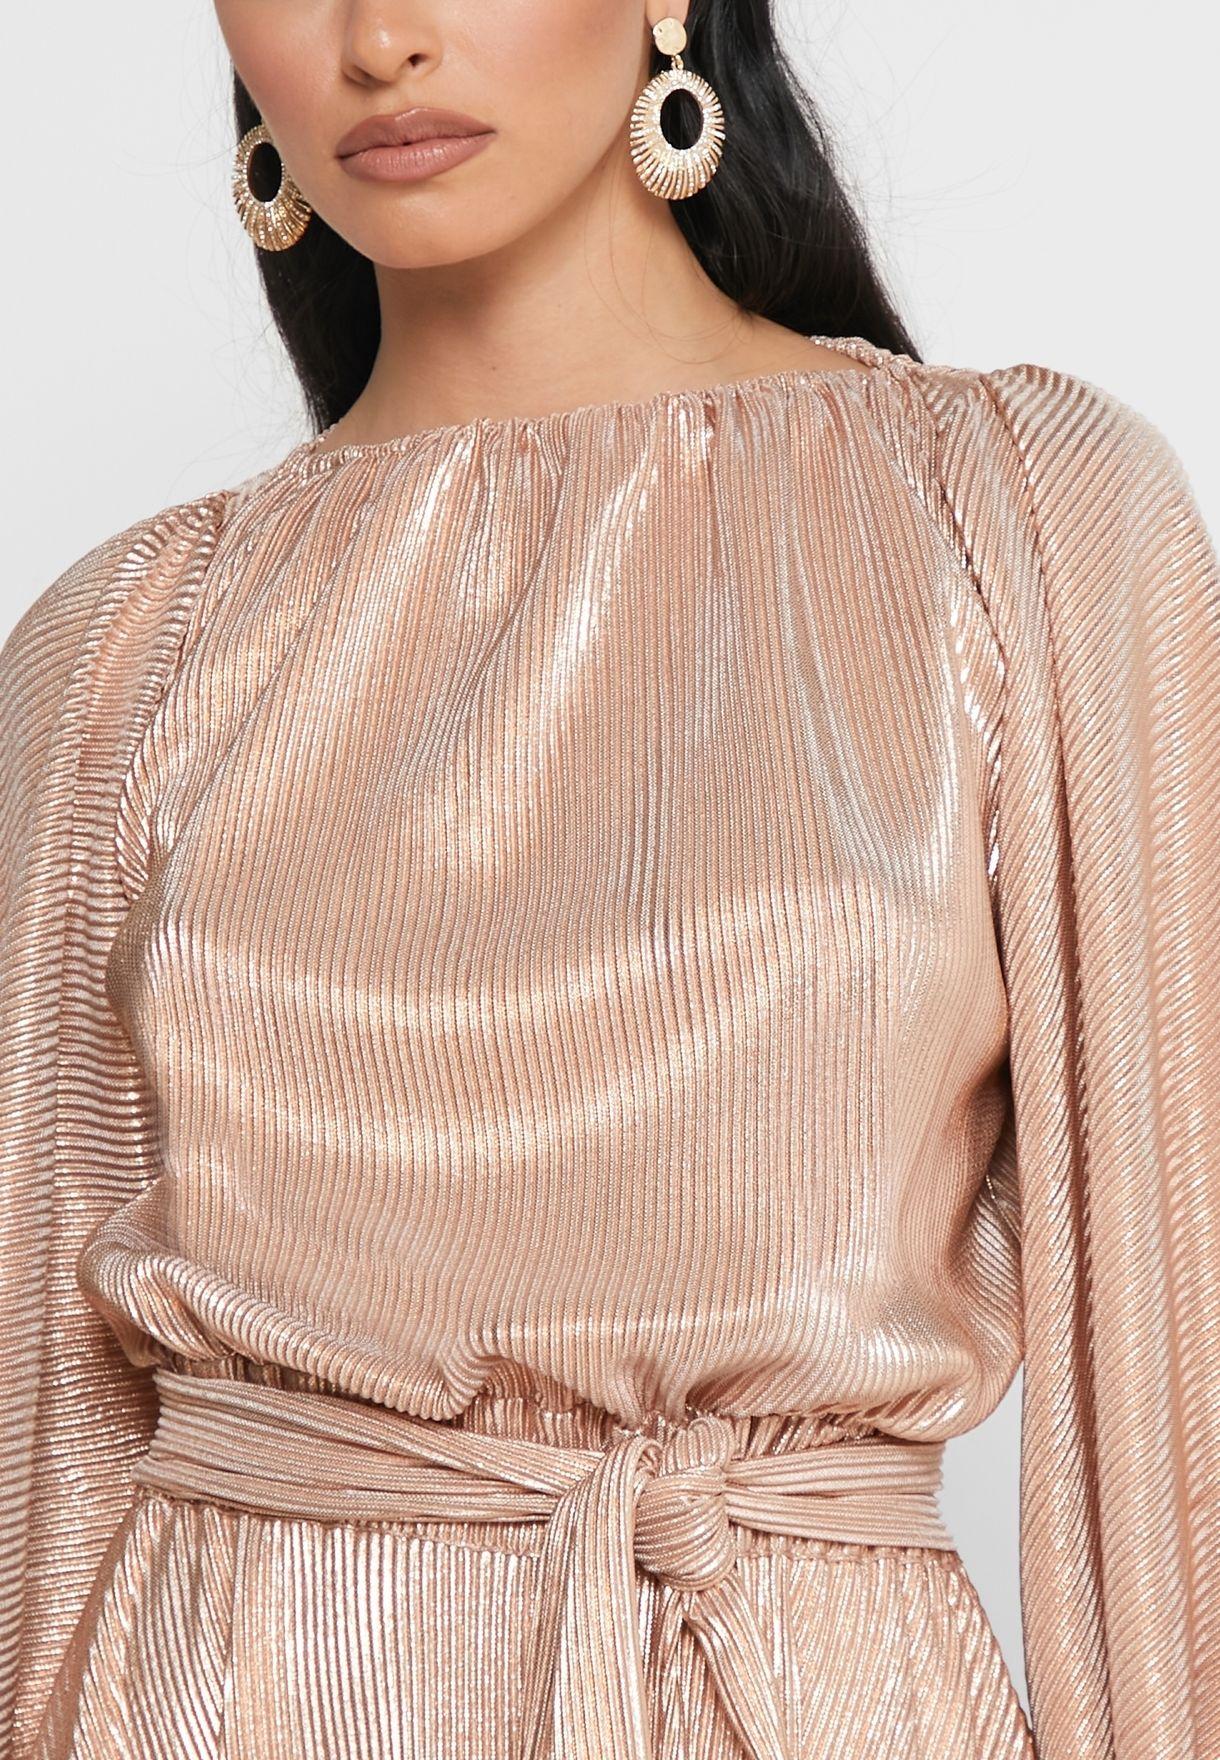 Shimmer A-line Dress